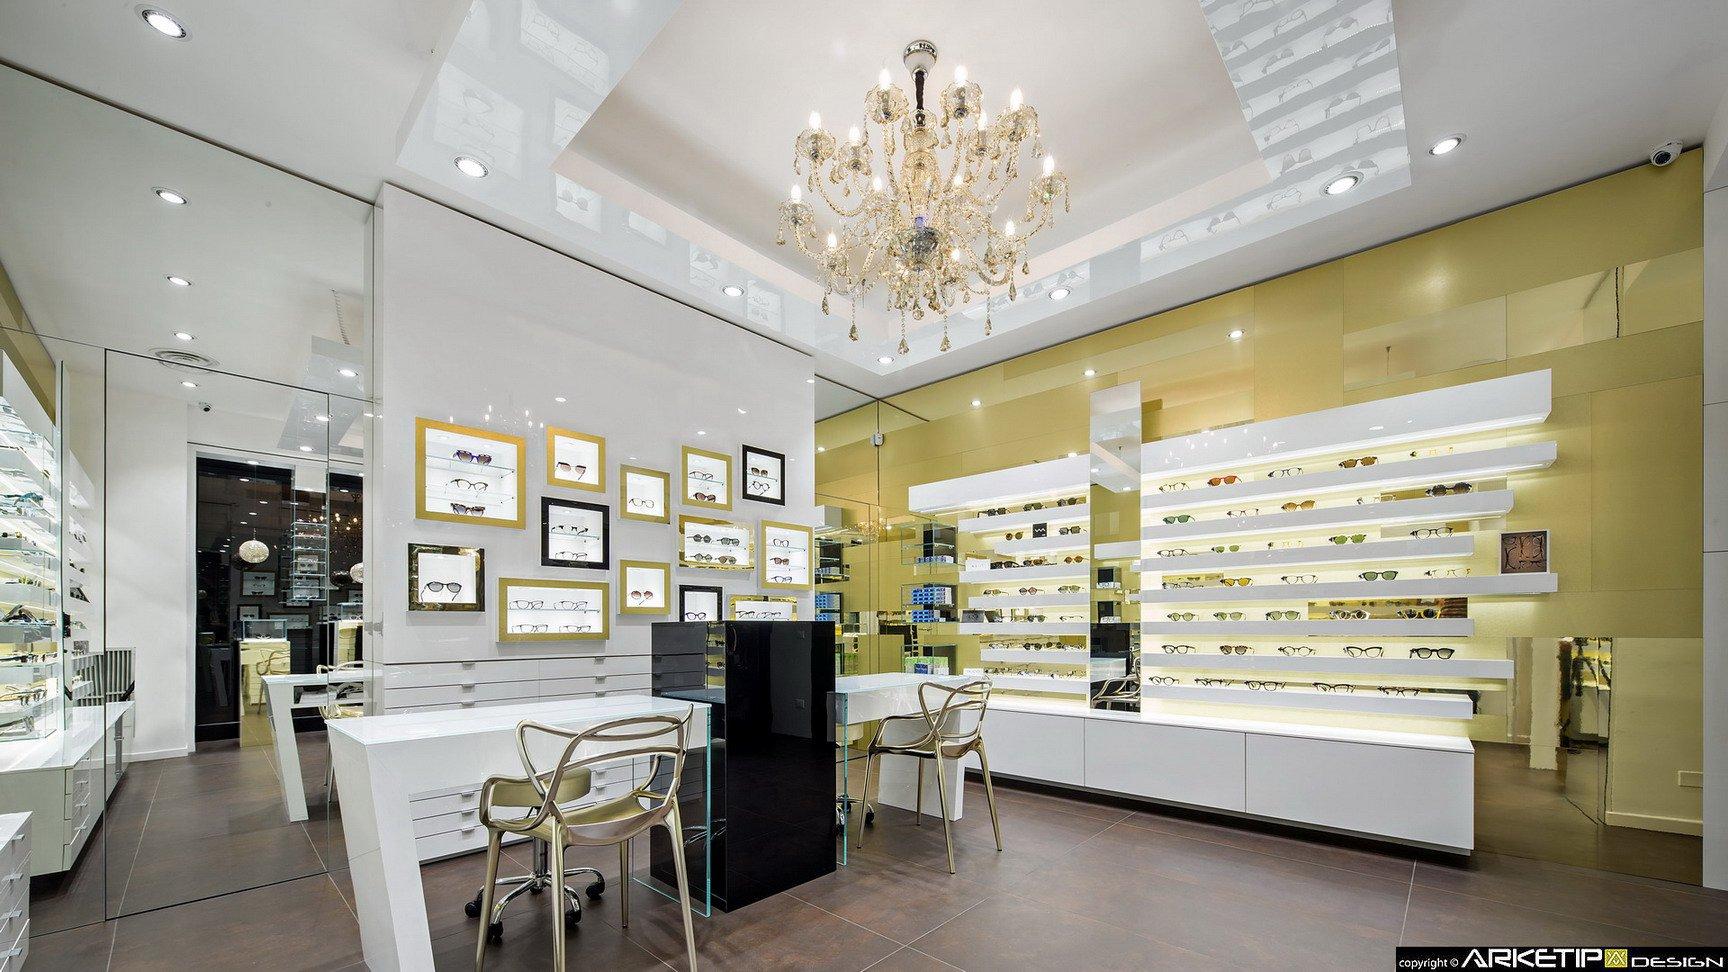 Awesome negozi di arredamento milano pictures for Misura arredamenti milano